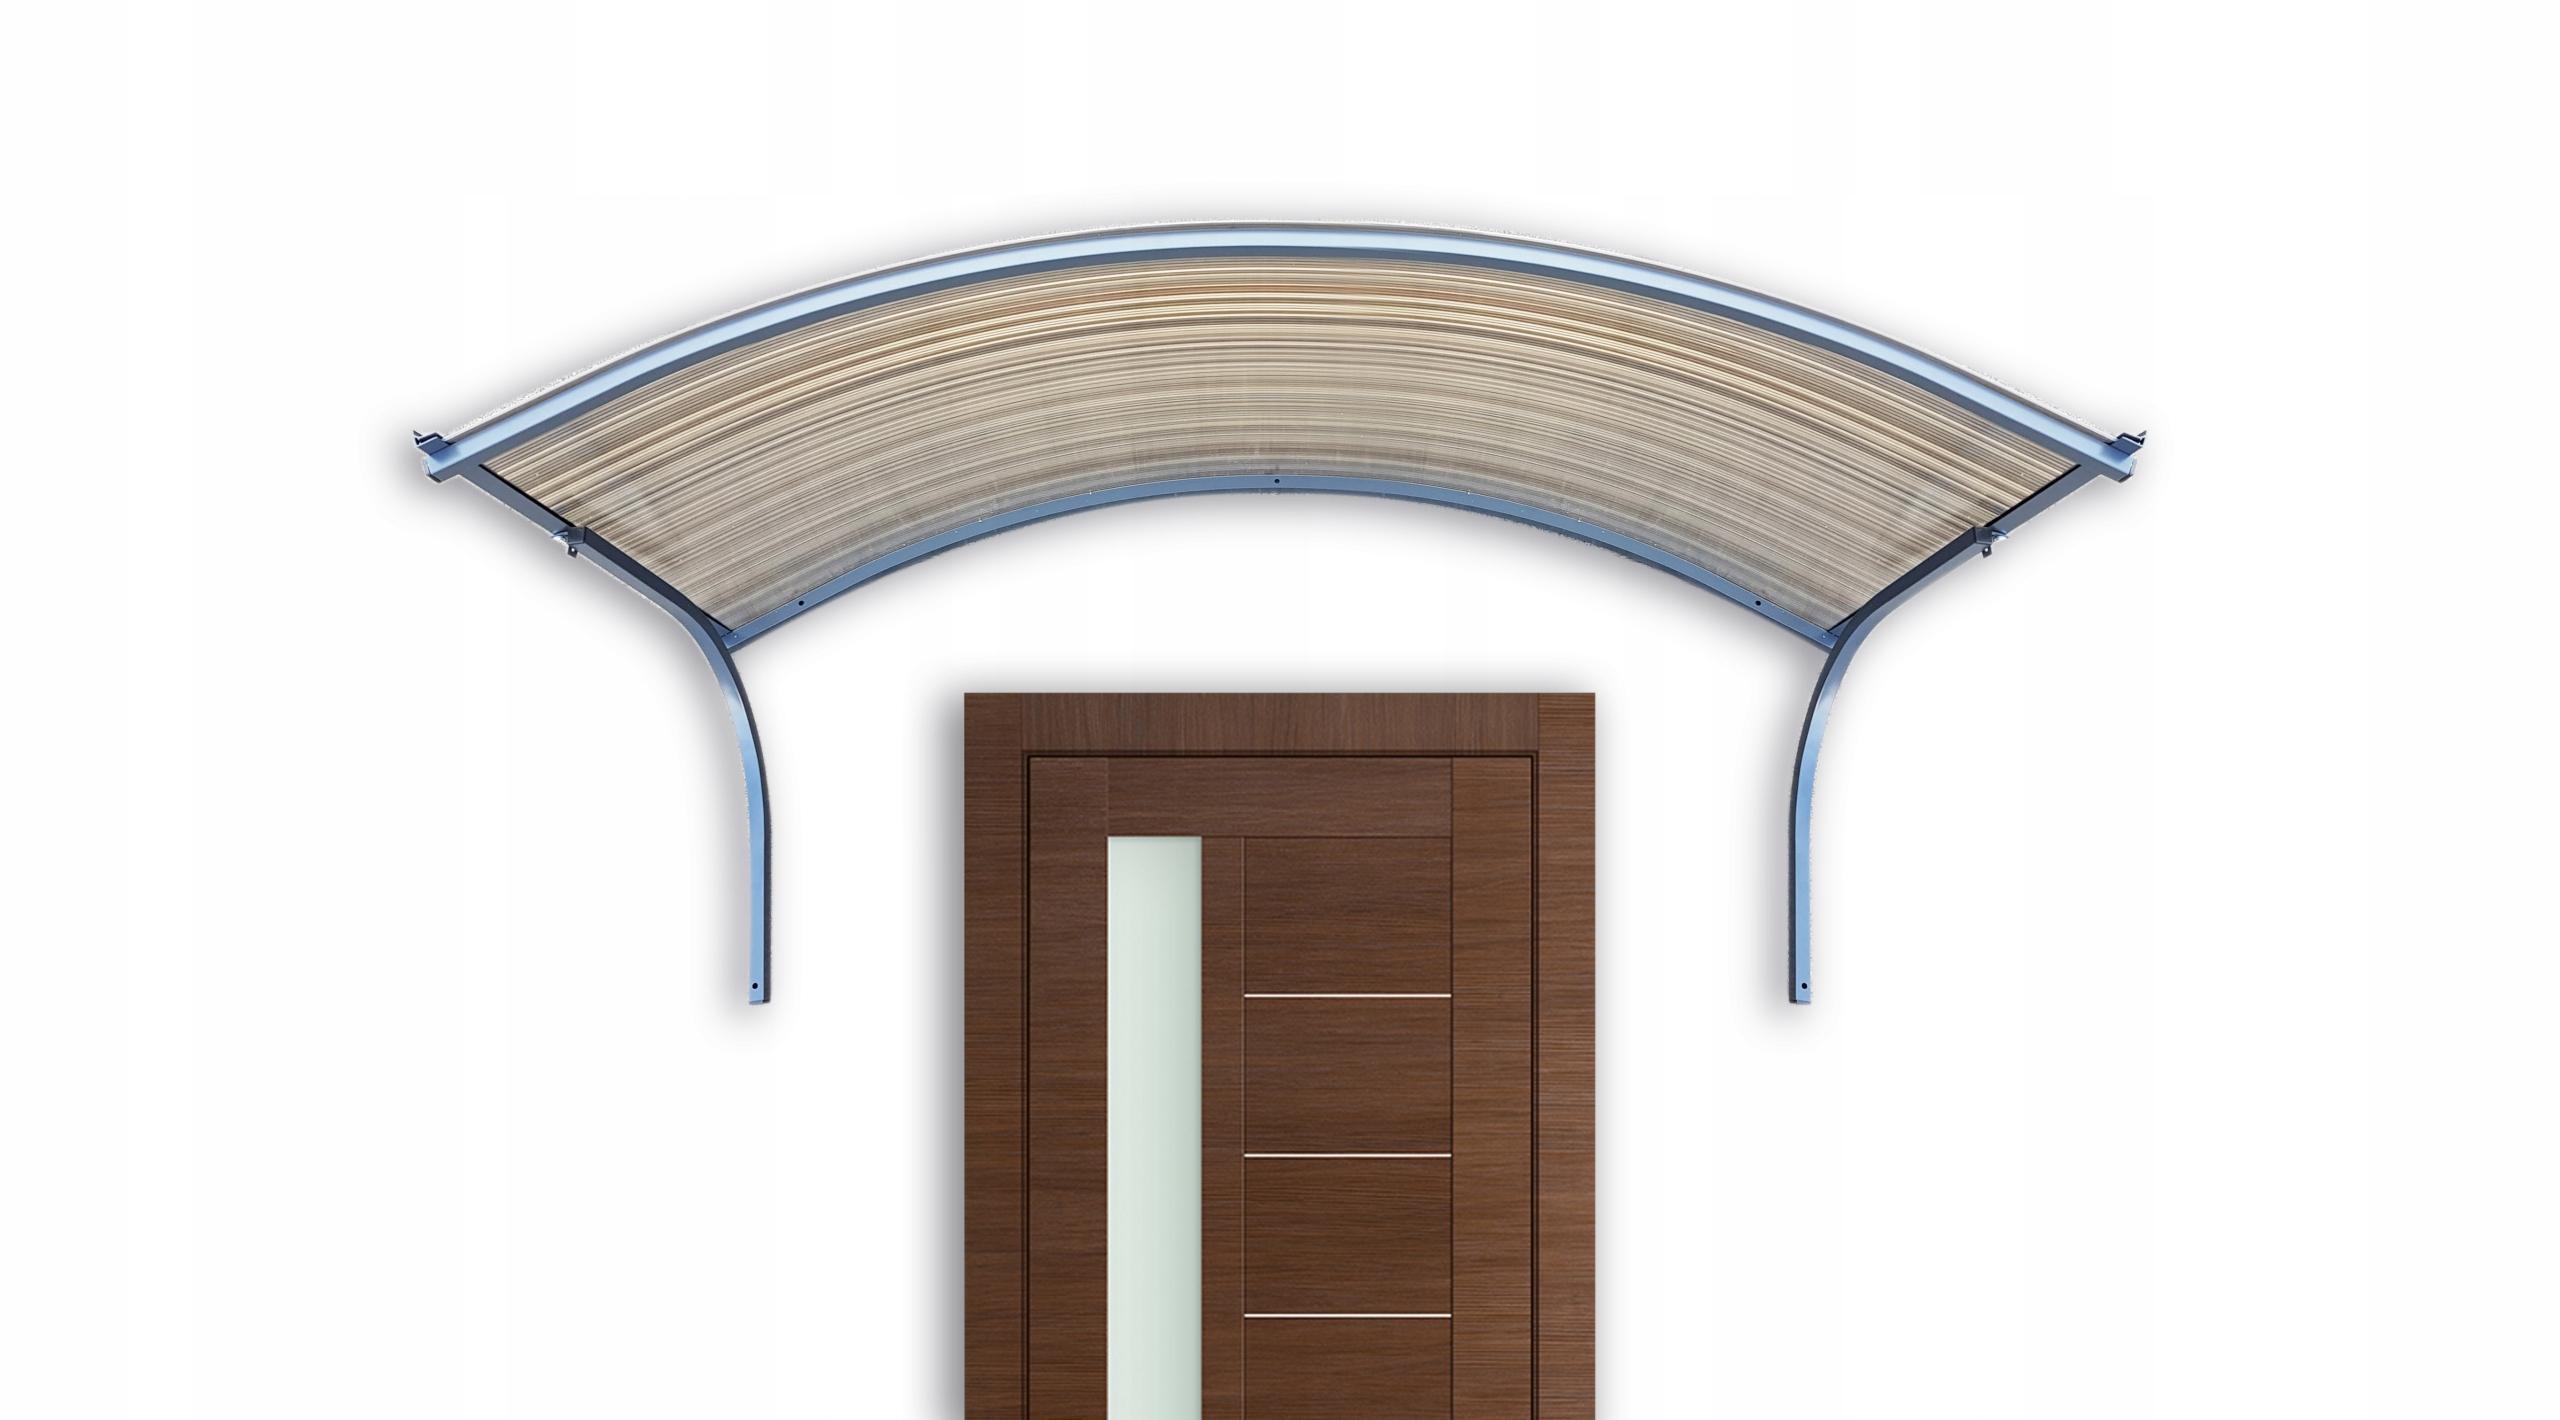 Strieška nad dvere, strešná krytina 130x25x70 ral 7016